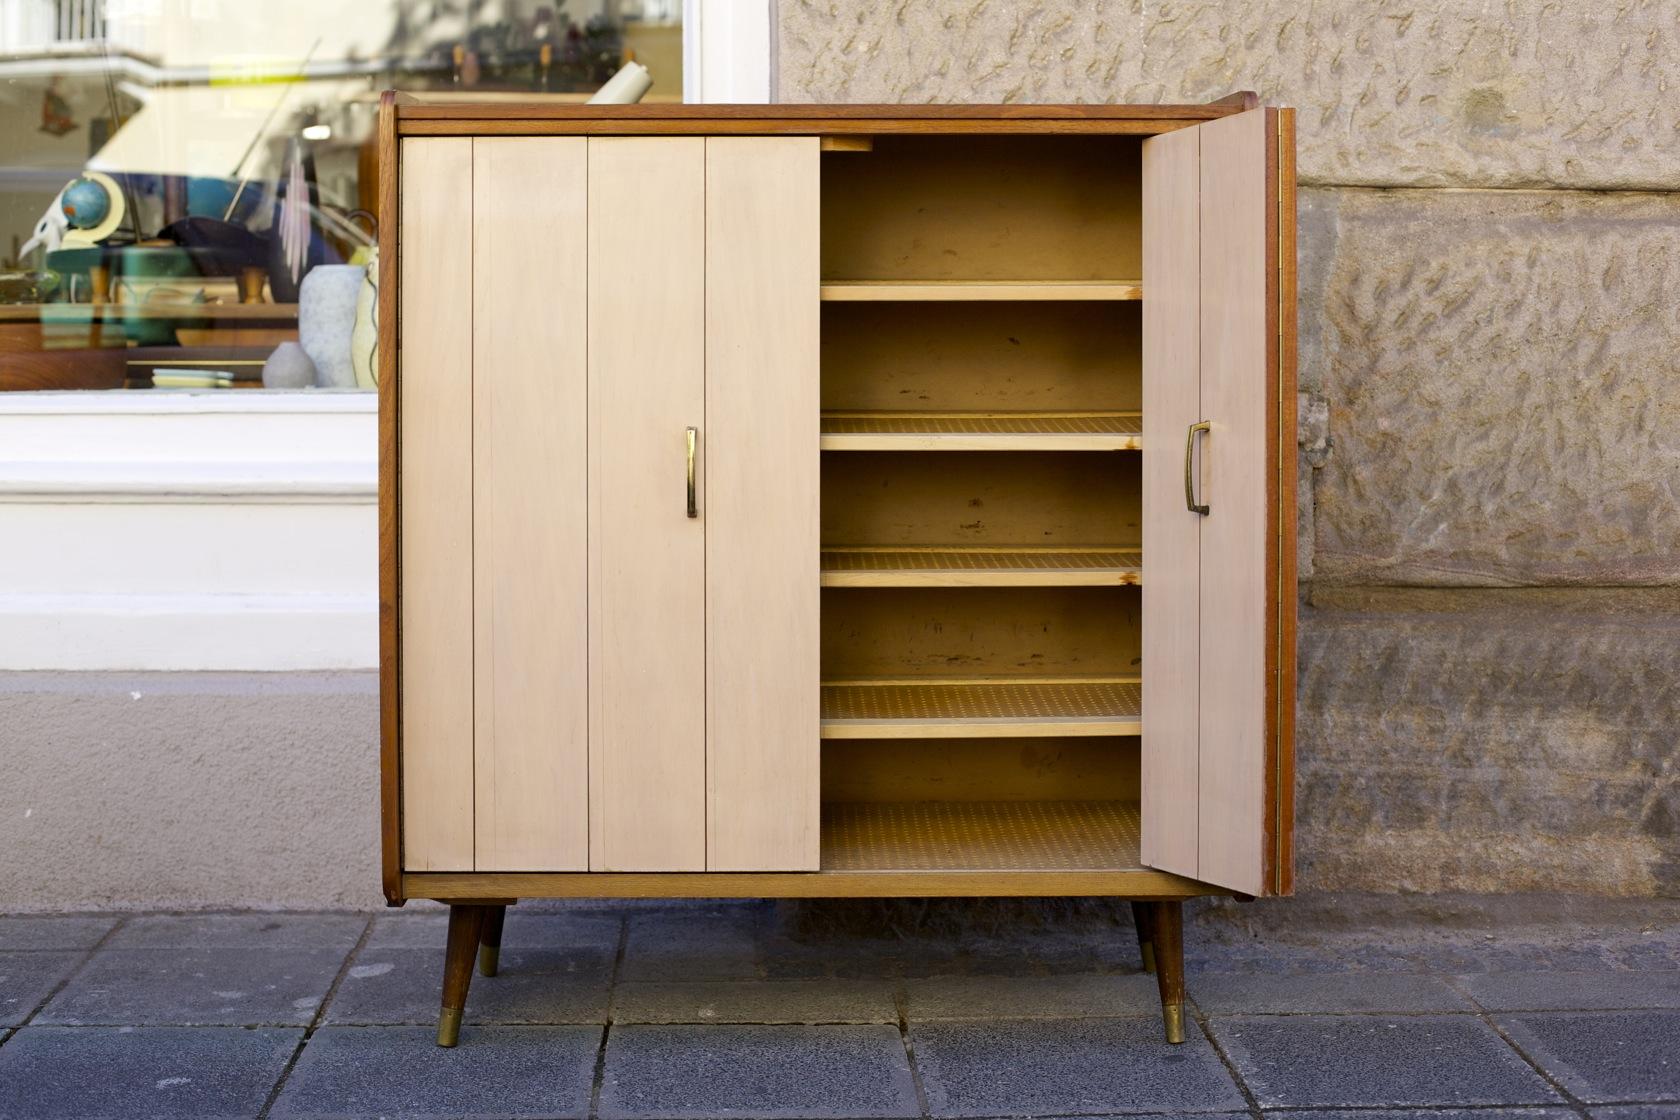 schuhschrank mit faltt ren raumwunder vintage wohnen in n rnberg. Black Bedroom Furniture Sets. Home Design Ideas